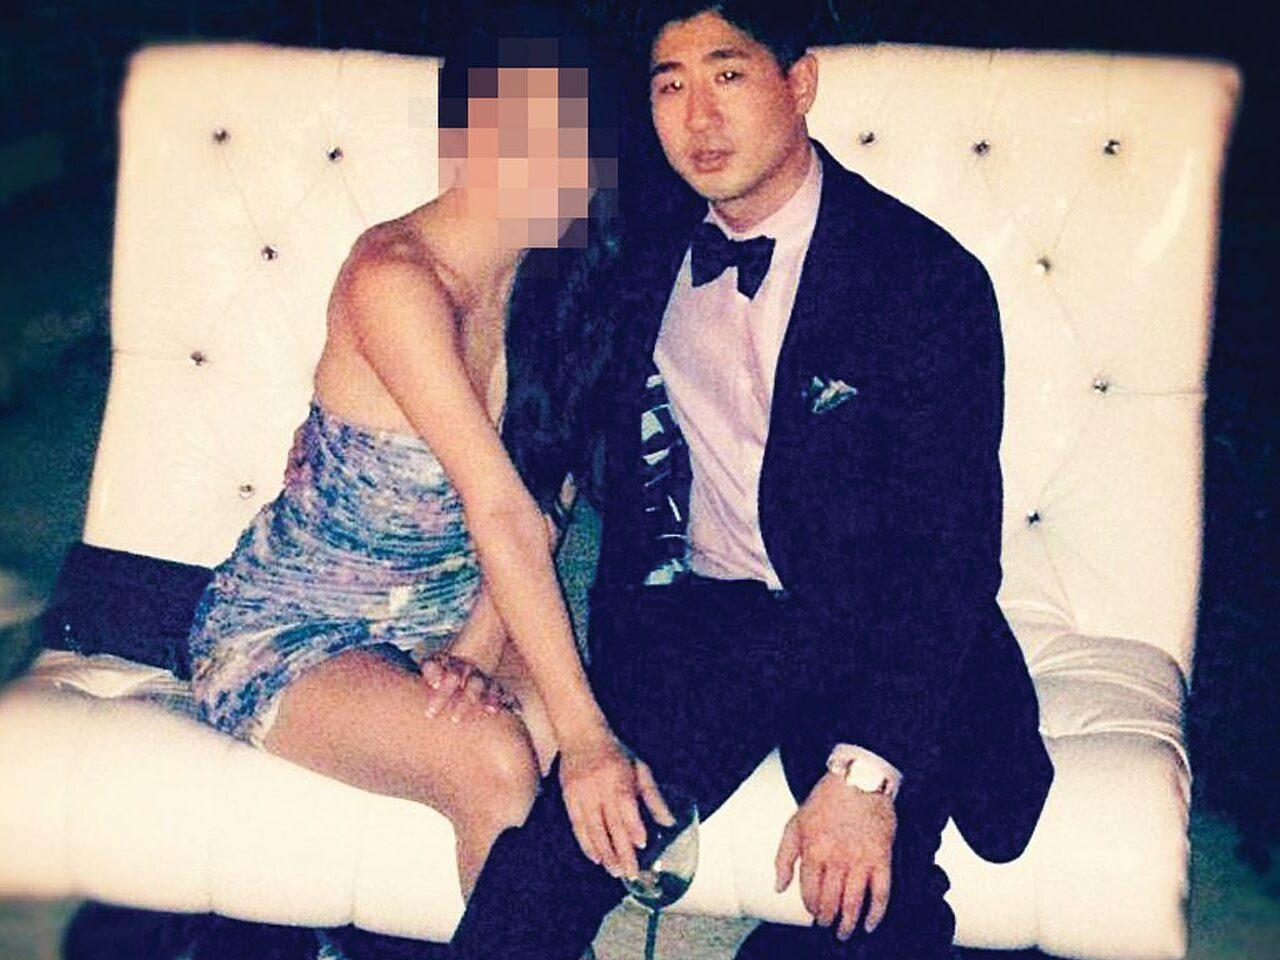 Brian Shin và bạn gái. Ảnh: Torontoliffe